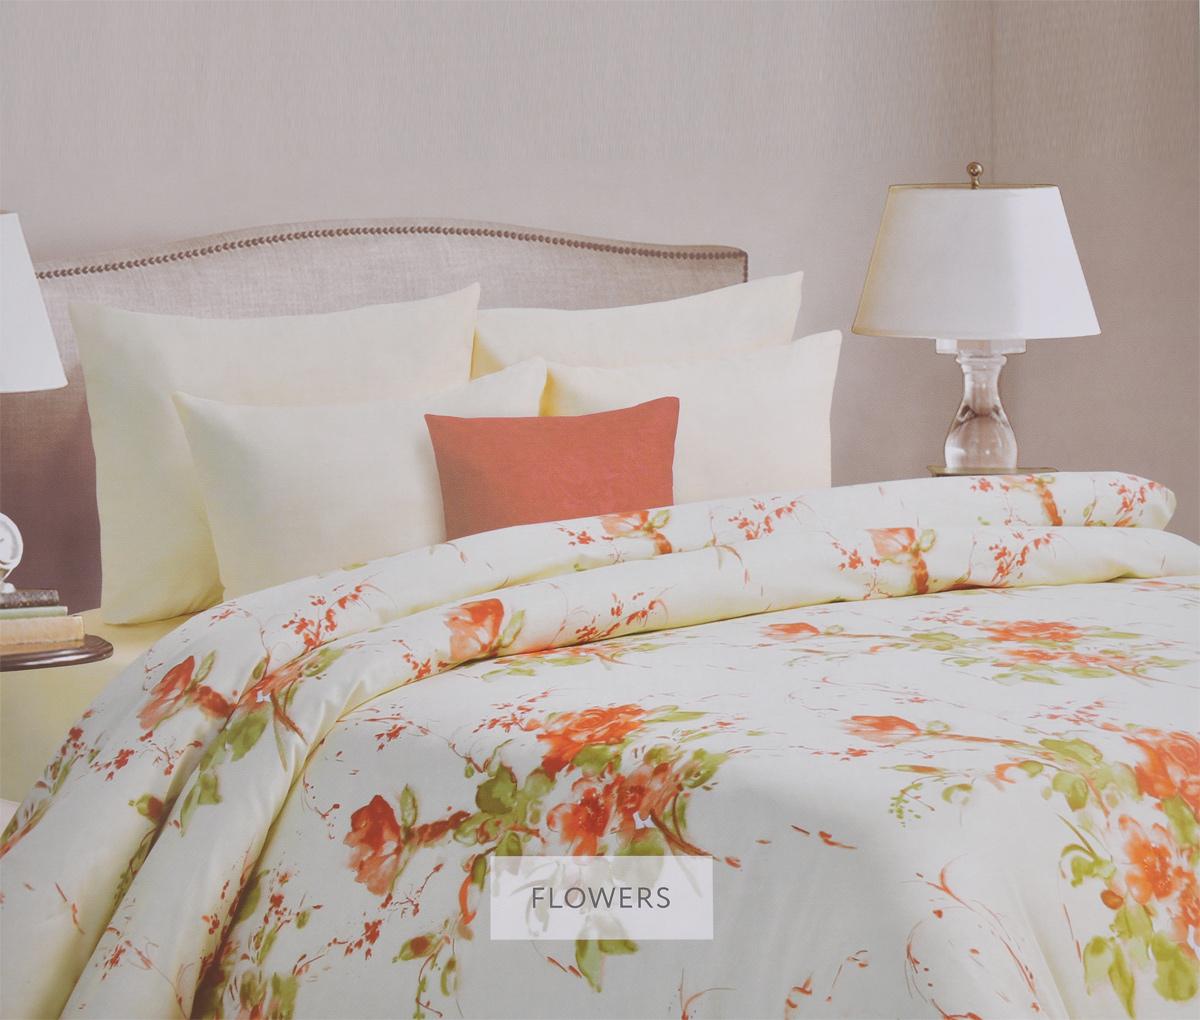 Комплект белья Mona Liza Flowers, 2-спальный, наволочки 50х70, цвет: бежевый, светло-зеленый. 562205/6K100Комплект белья Mona Liza Flowers, выполненный из батиста (100% хлопок), состоит из пододеяльника, простыни и двух наволочек. Изделия оформлены красивым цветочным рисунком. Батист - тонкая, легкая натуральная ткань полотняного переплетения. Батист, несомненно, является одной из самых аристократичных и совершенных тканей. Он отличается нежностью, трепетной утонченностью и изысканностью. Ткань с незначительной сминаемостью, хорошо сохраняющая цвет при стирке, легкая, с прекрасными гигиеническими показателями. В комплект входит: Пододеяльник - 1 шт. Размер: 175 см х 210 см. Простыня - 1 шт. Размер: 215 см х 240 см. Наволочка - 2 шт. Размер: 50 см х 70 см. Рекомендации по уходу: - Ручная и машинная стирка 40°С, - Гладить при температуре не более 150°С, - Не использовать хлорсодержащие средства, - Щадящая сушка, - Не подвергать химчистке.